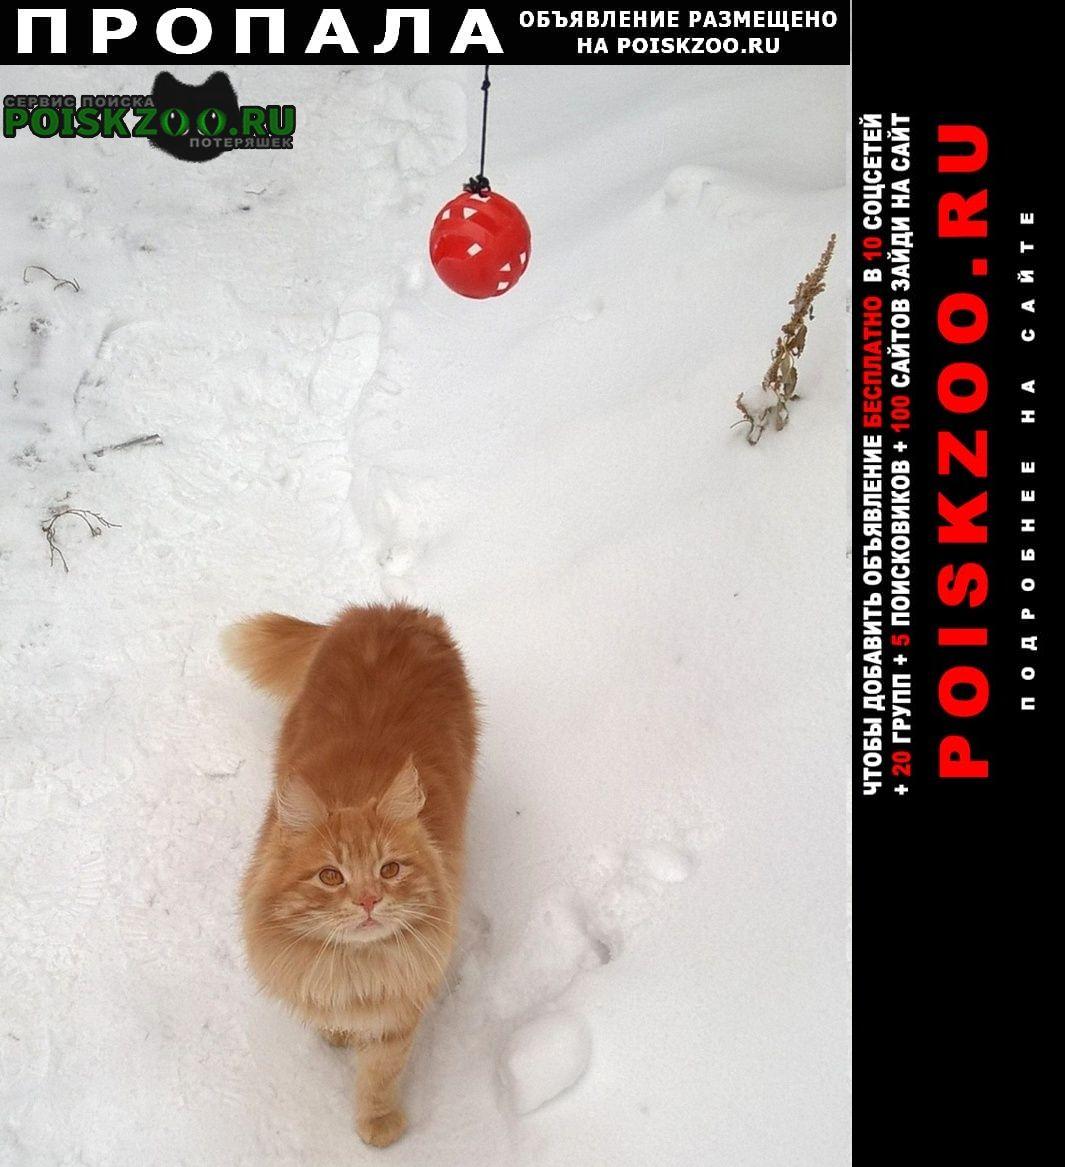 Пропала кошка котик чуня Ростов-на-Дону